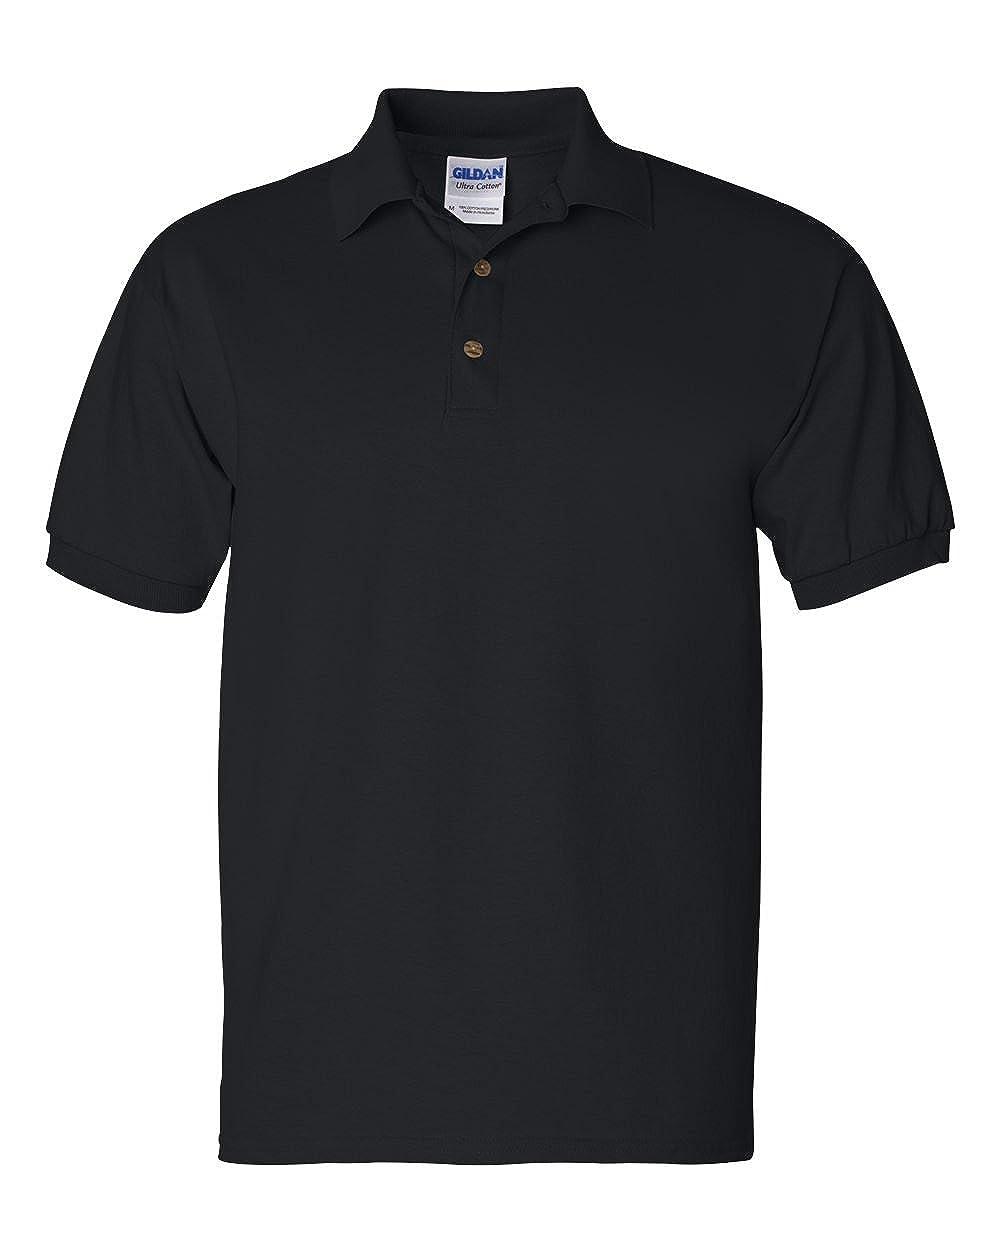 Gildan Mens Button-Down Polo Shirt